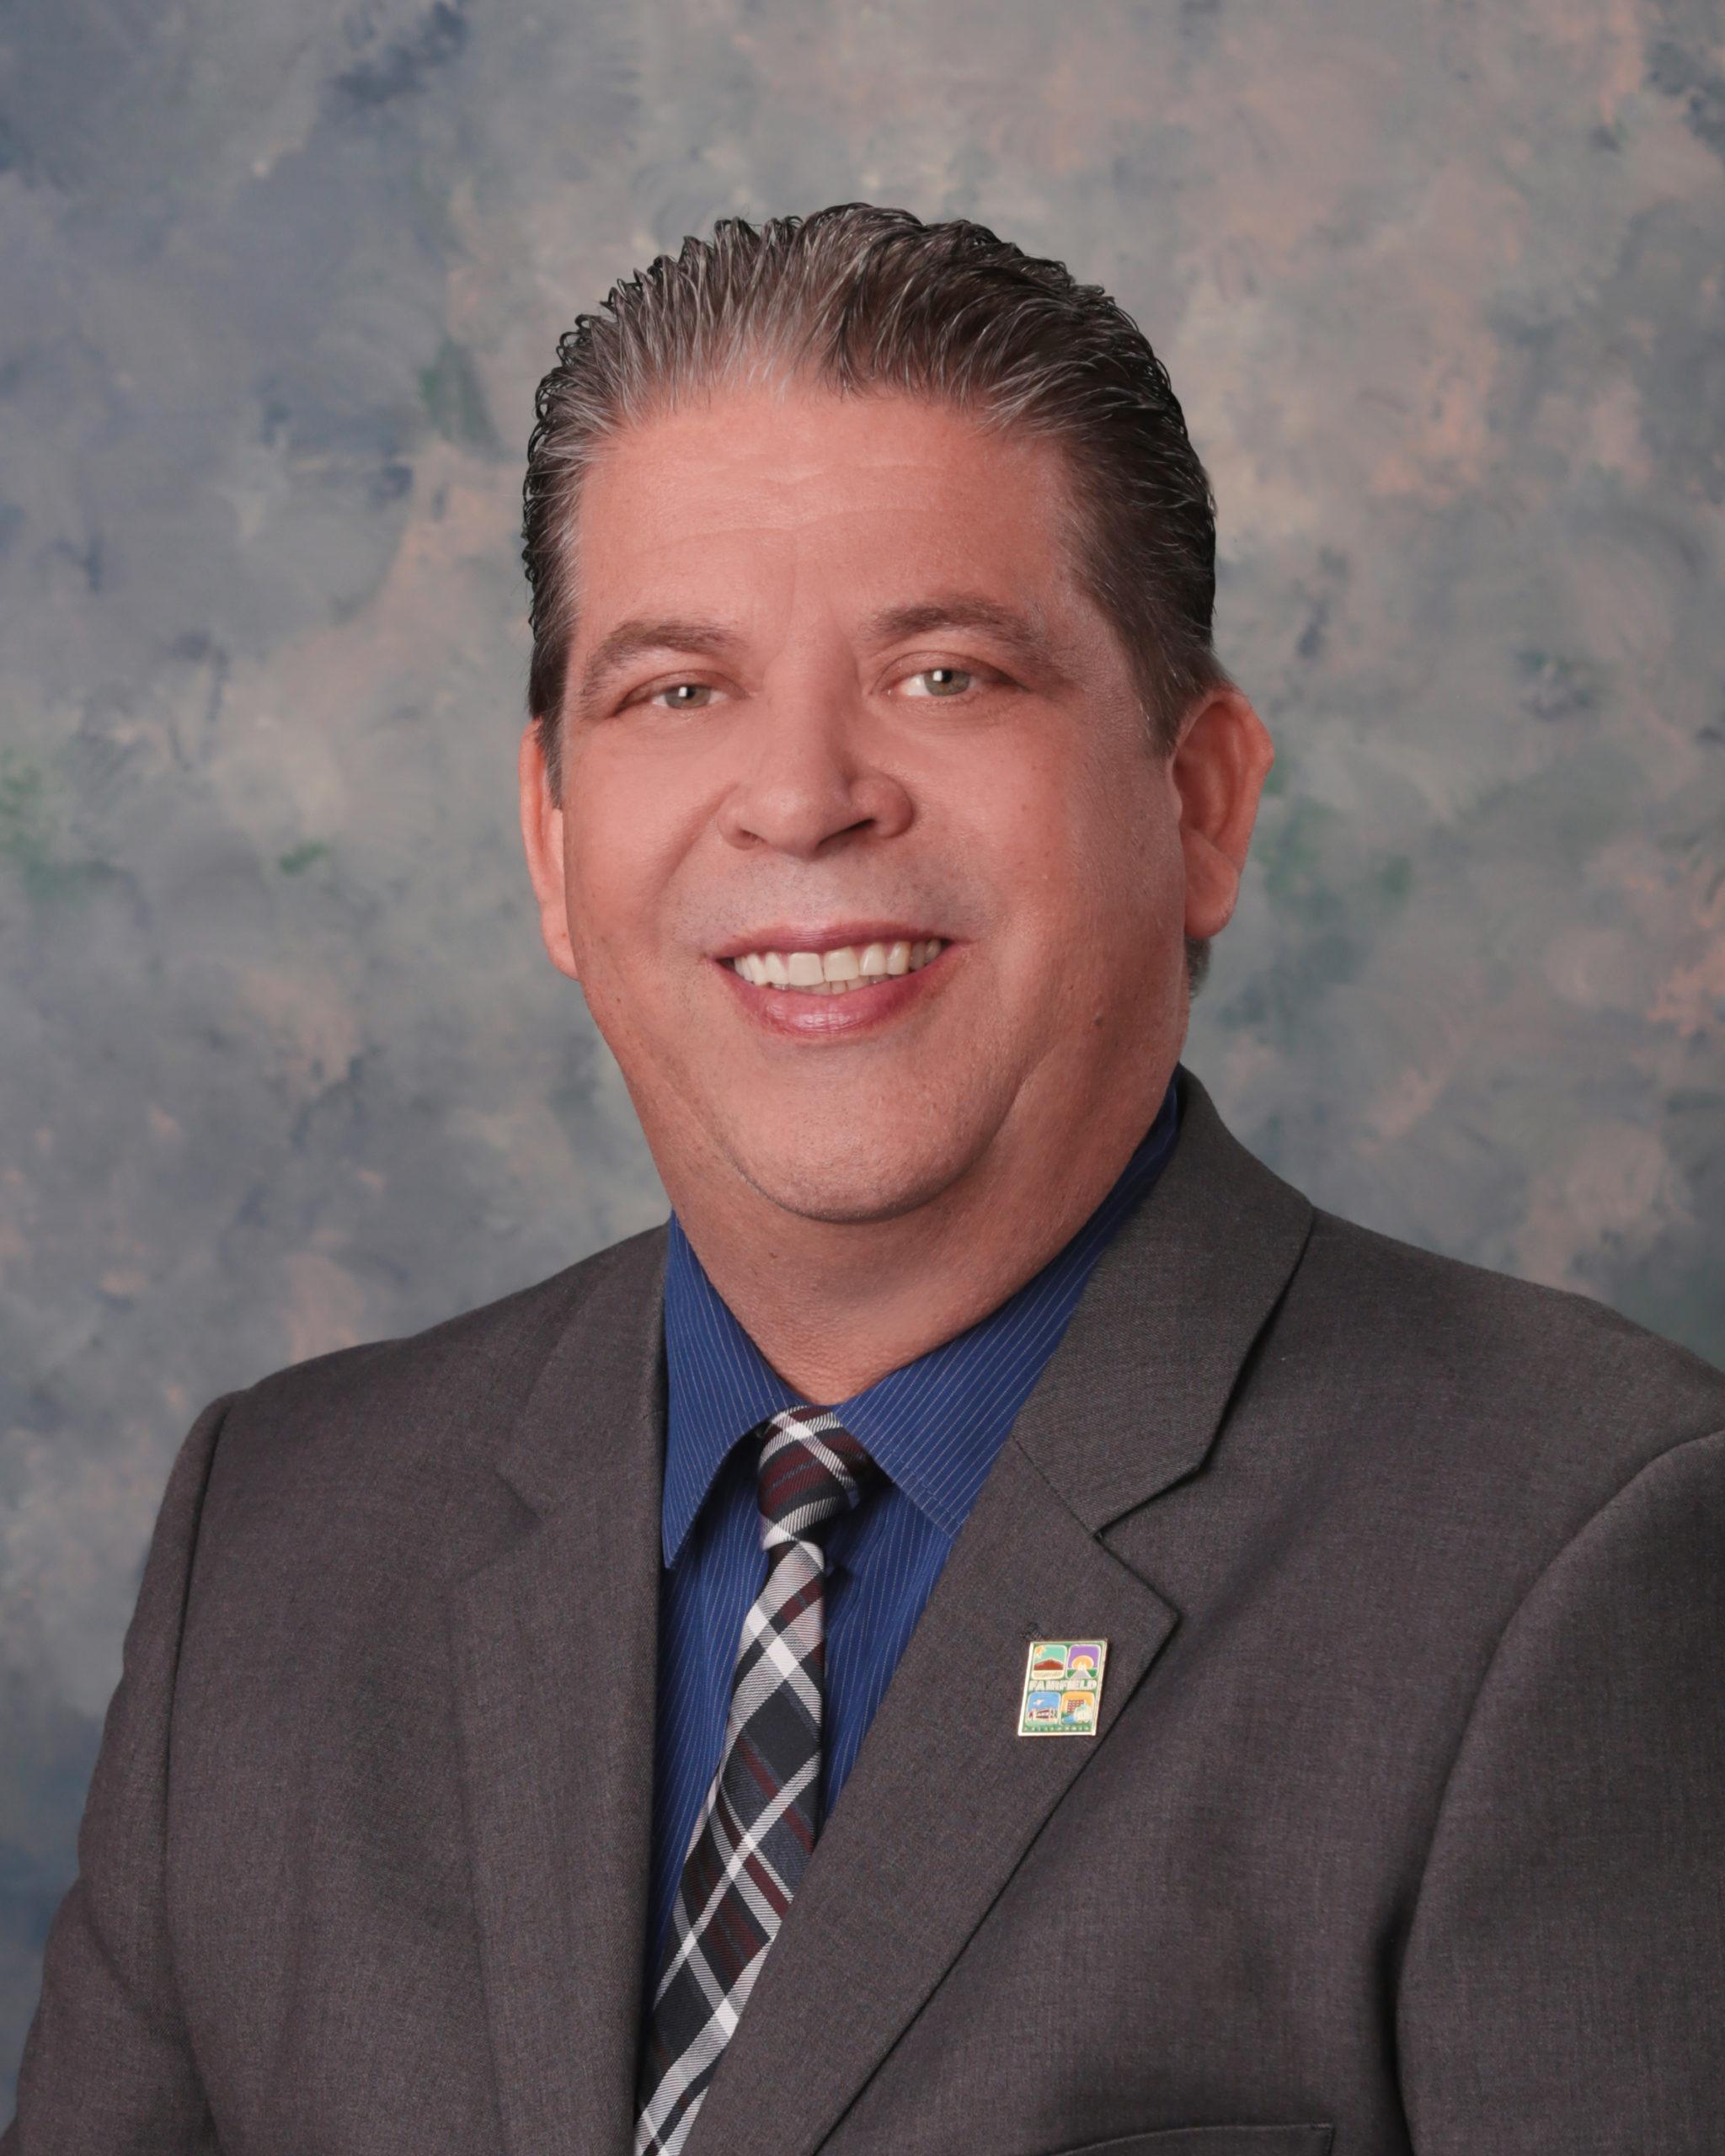 Scott Tonnesen